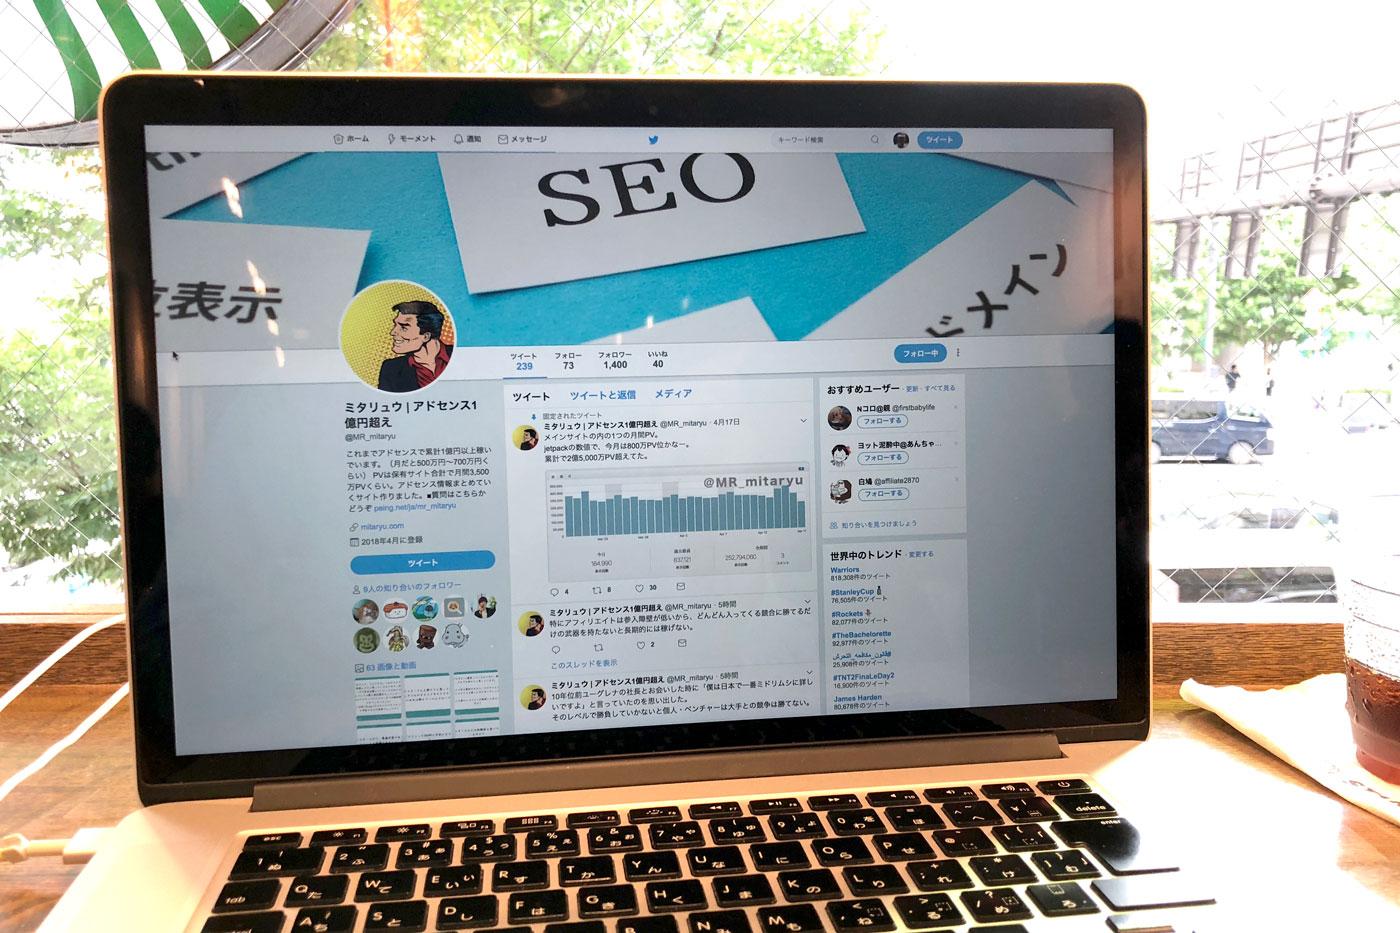 MacBookProで閲覧中、ミタリュウさんのTwitter